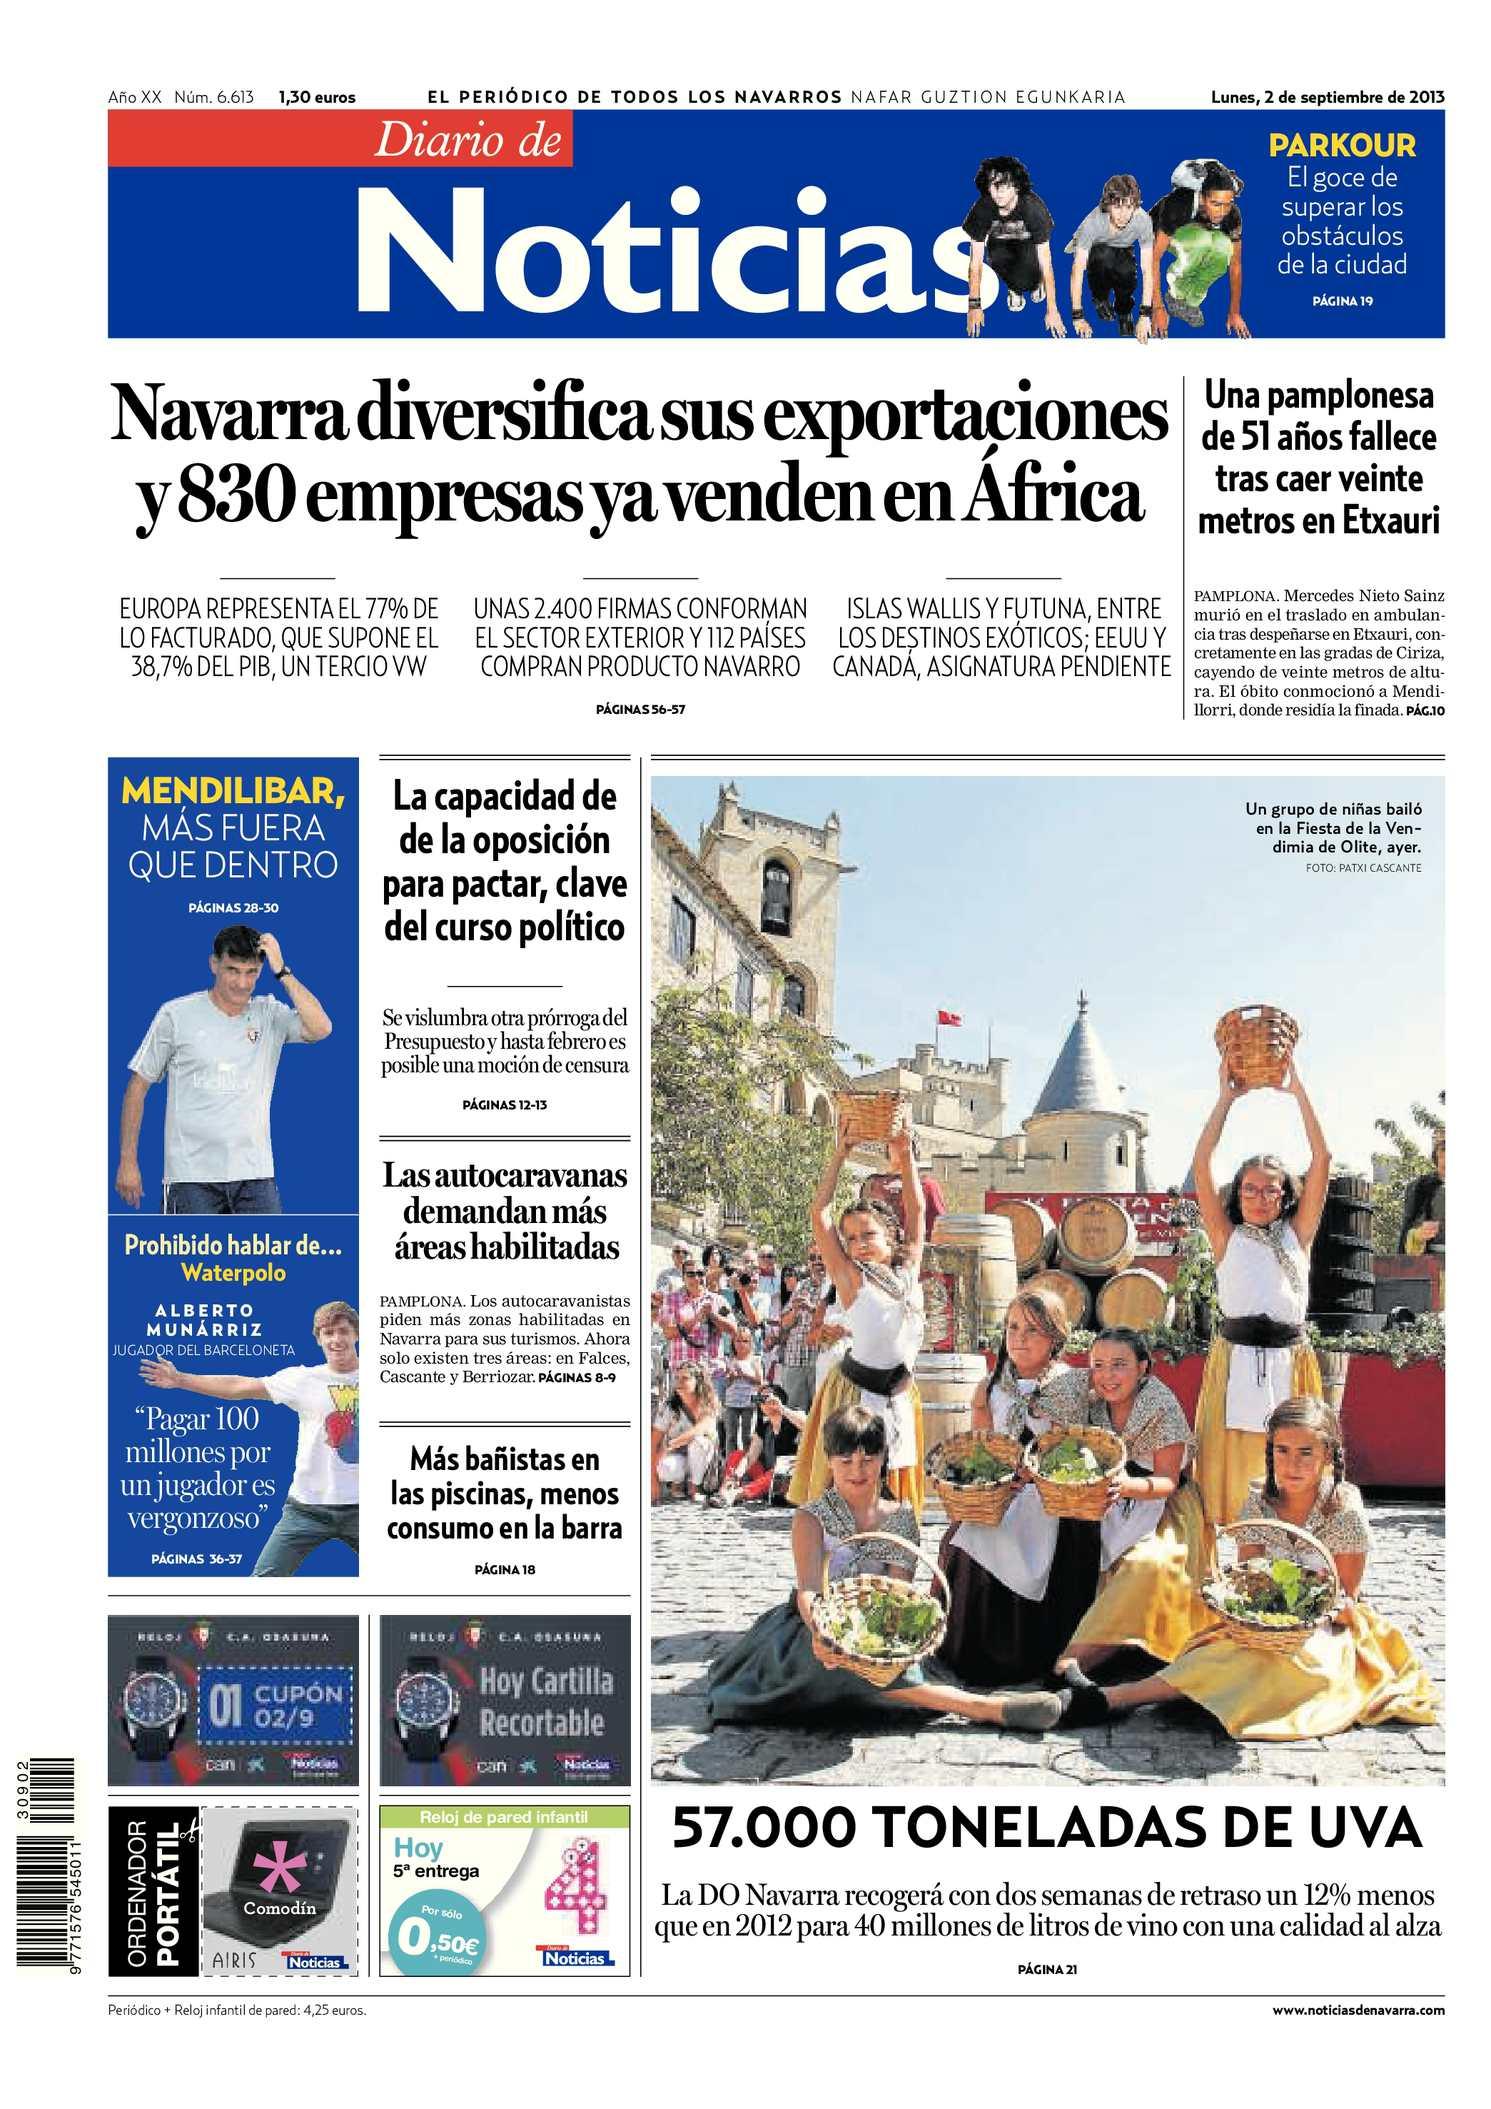 Calaméo - Diario de Noticias 20130902